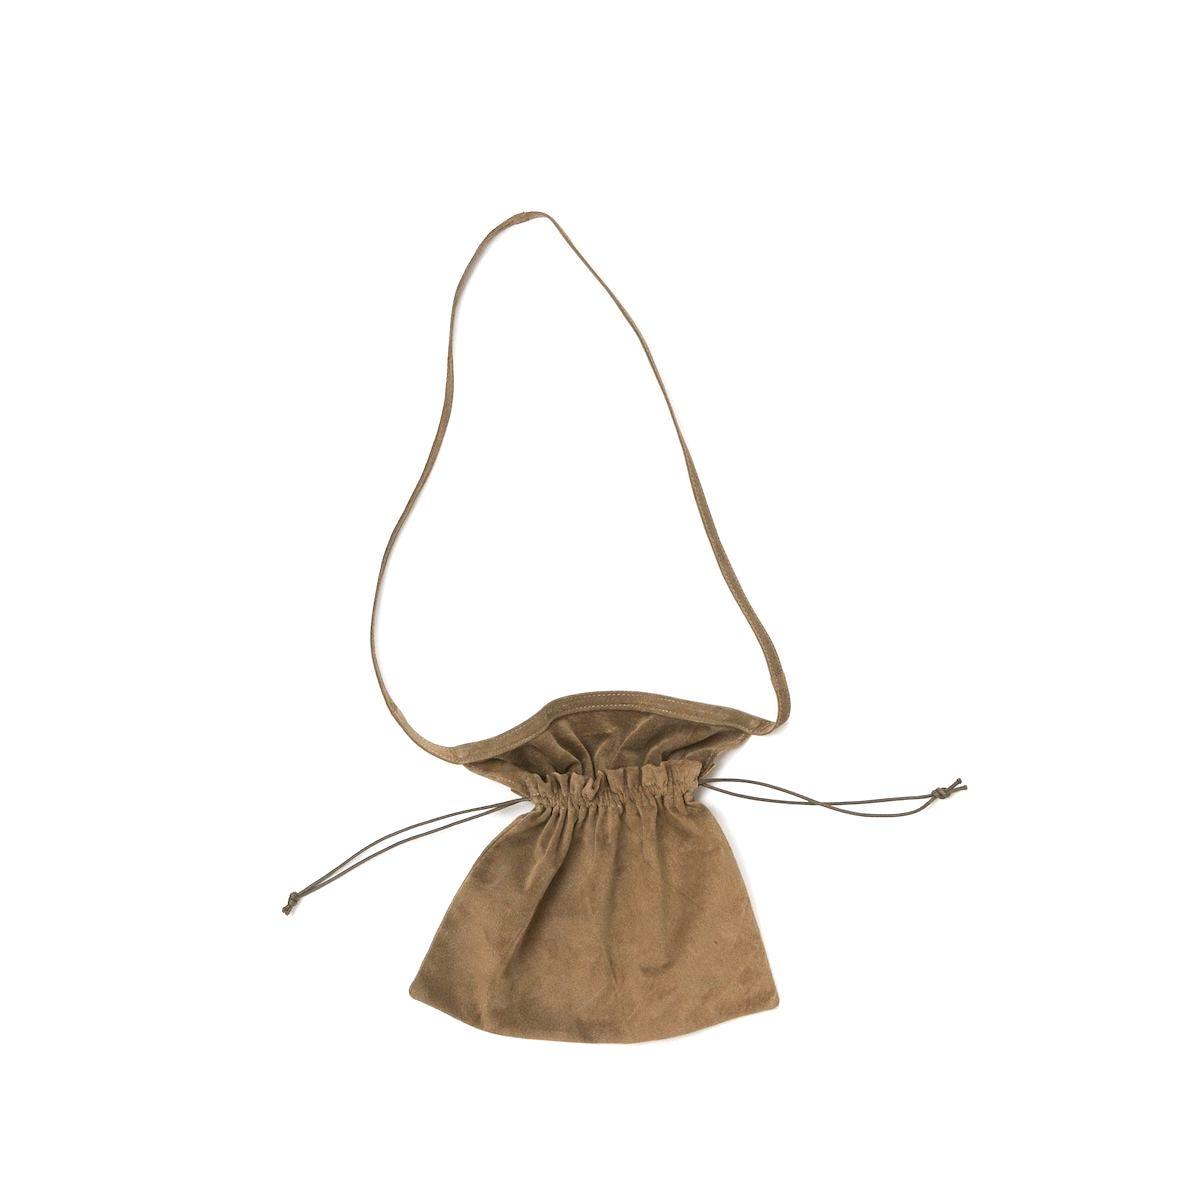 Hender Scheme / red cross bag small Khaki